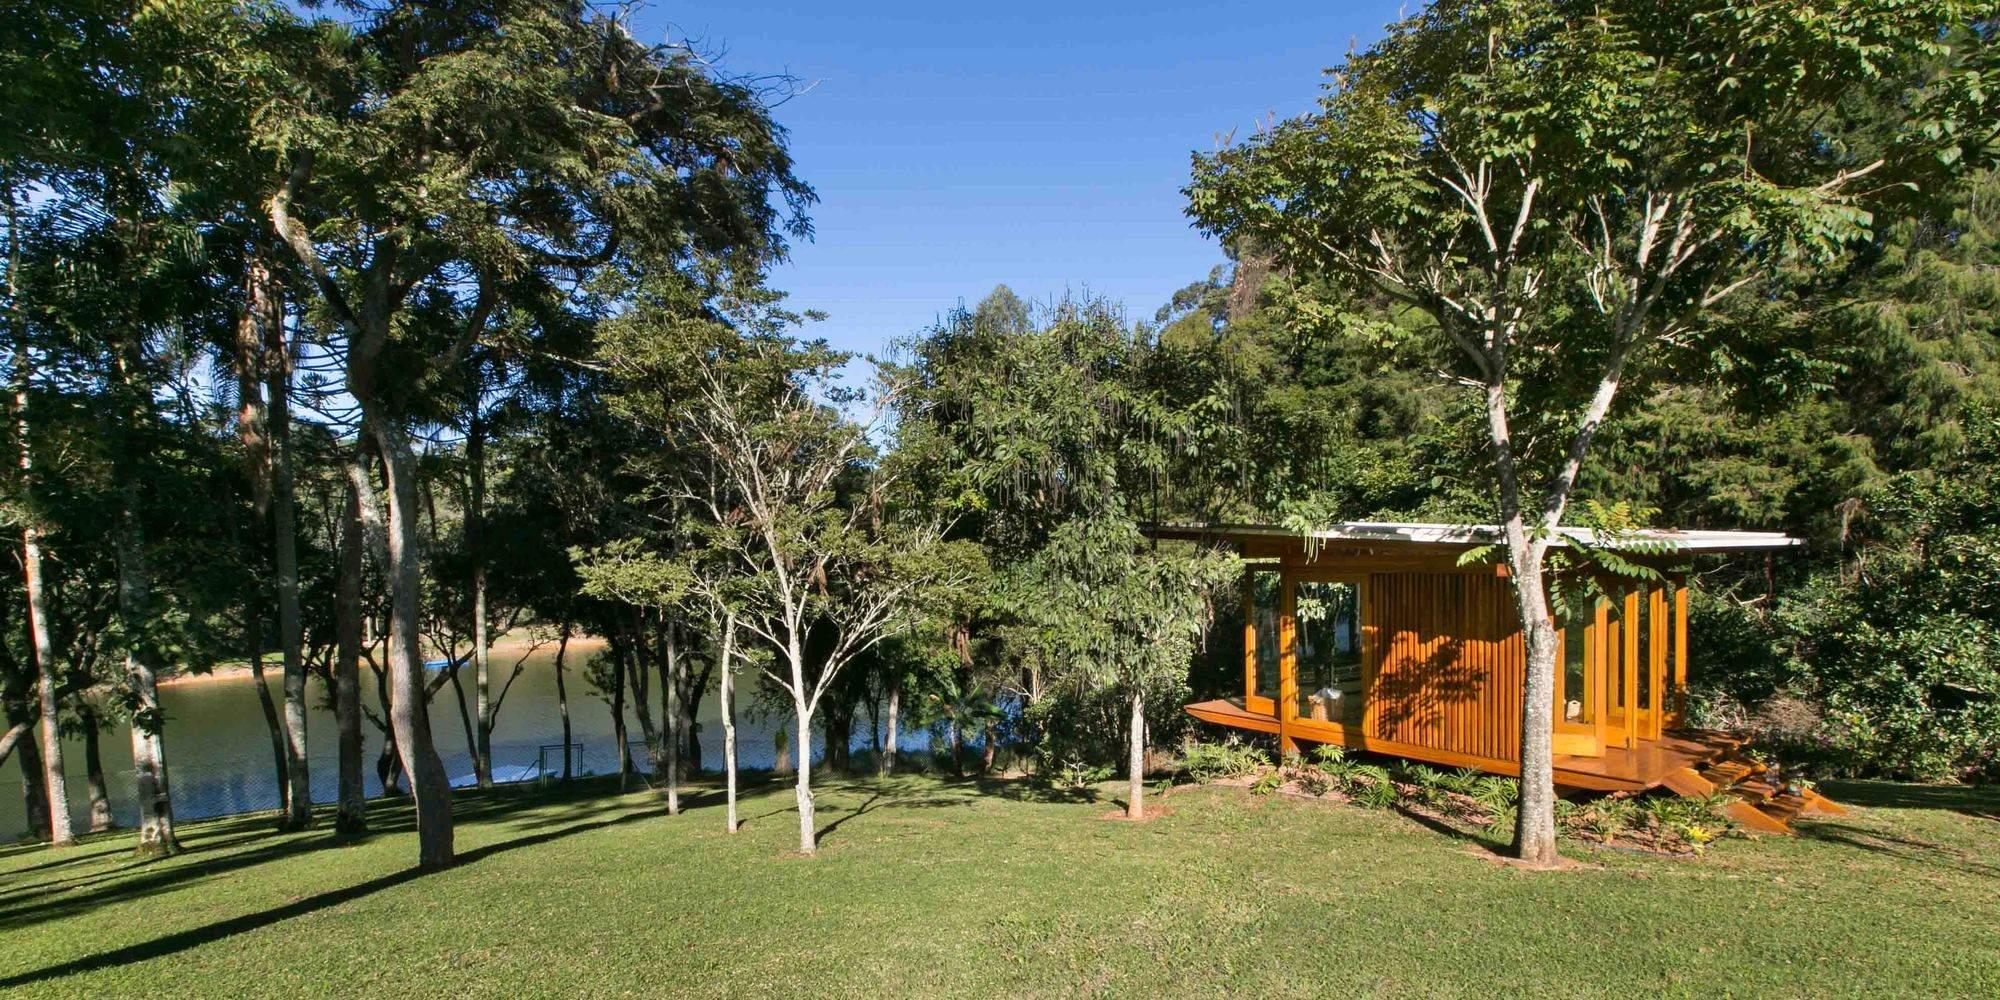 Деревянный павильон для медитации, Бразилия